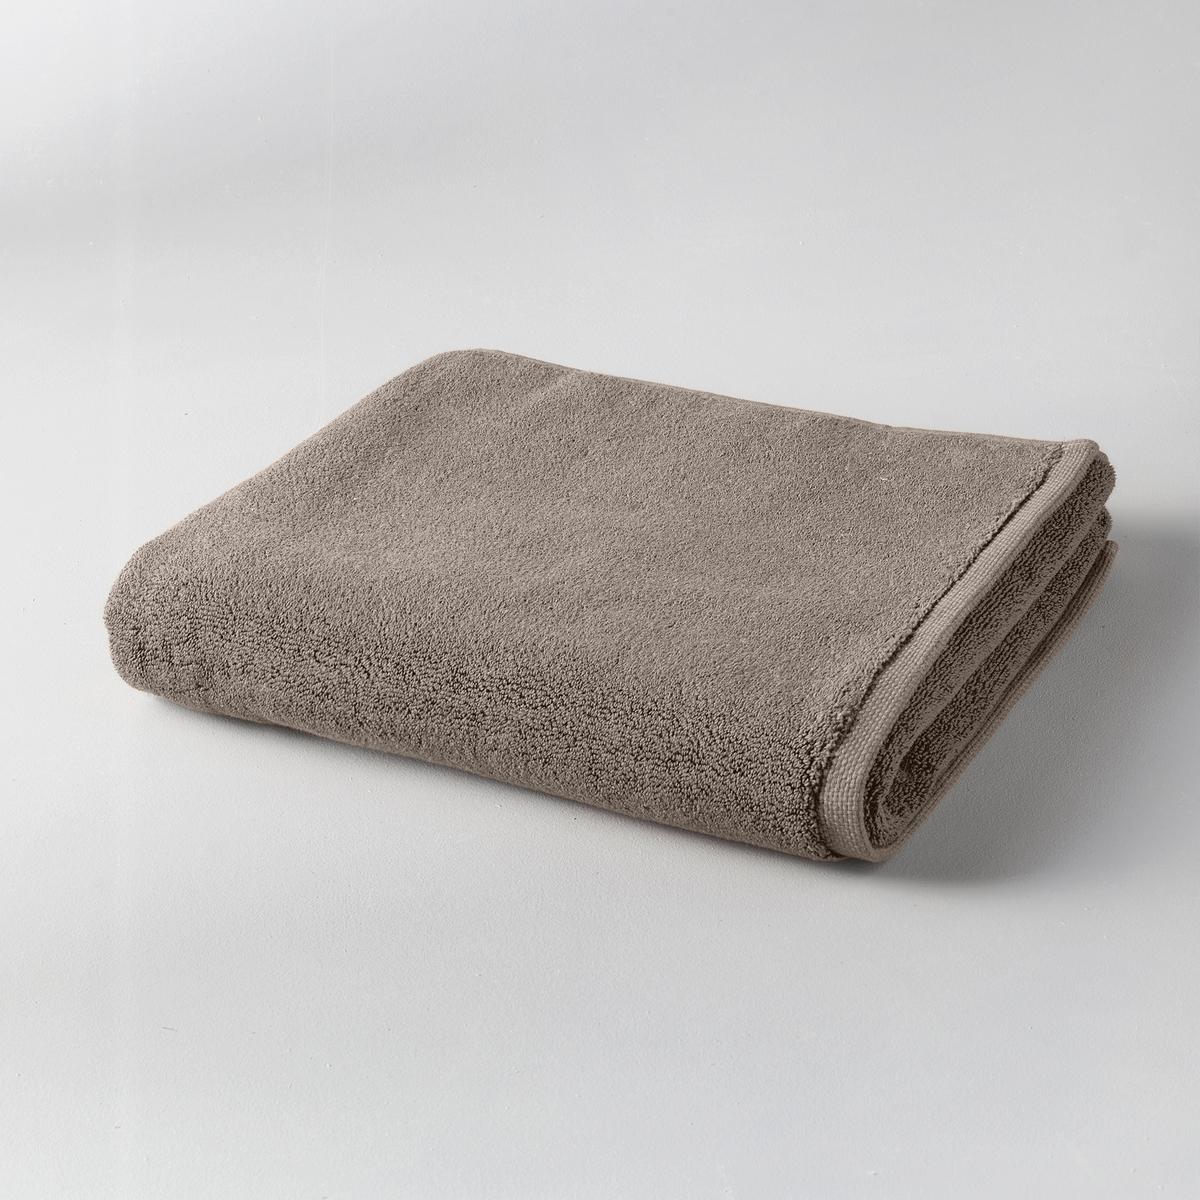 Коврик для ванной GilbearКоврик для ванной 100% хлопка Gilbear : ультрамягкая махровая ткань, очень пушистая и нежная.Материал :Махровая ткань из 100% чесаного хлопка 800 гр/м?, очень мягкая и износоустойчивая.Отделка :Жаккардовая кромка с микрорисунком икринки.Уход: :Стирка при 60°.Размеры :- 60 x 60 см : квадратный.- 60 x 100 см : прямоугольный.<br><br>Цвет: светло-серый,серо-коричневый,серо-розовый,сине-зеленый,синий морской,темно-серый,черный<br>Размер: 60 x 60  см.60 x 60  см.60 x 100 см.60 x 60  см.60 x 60  см